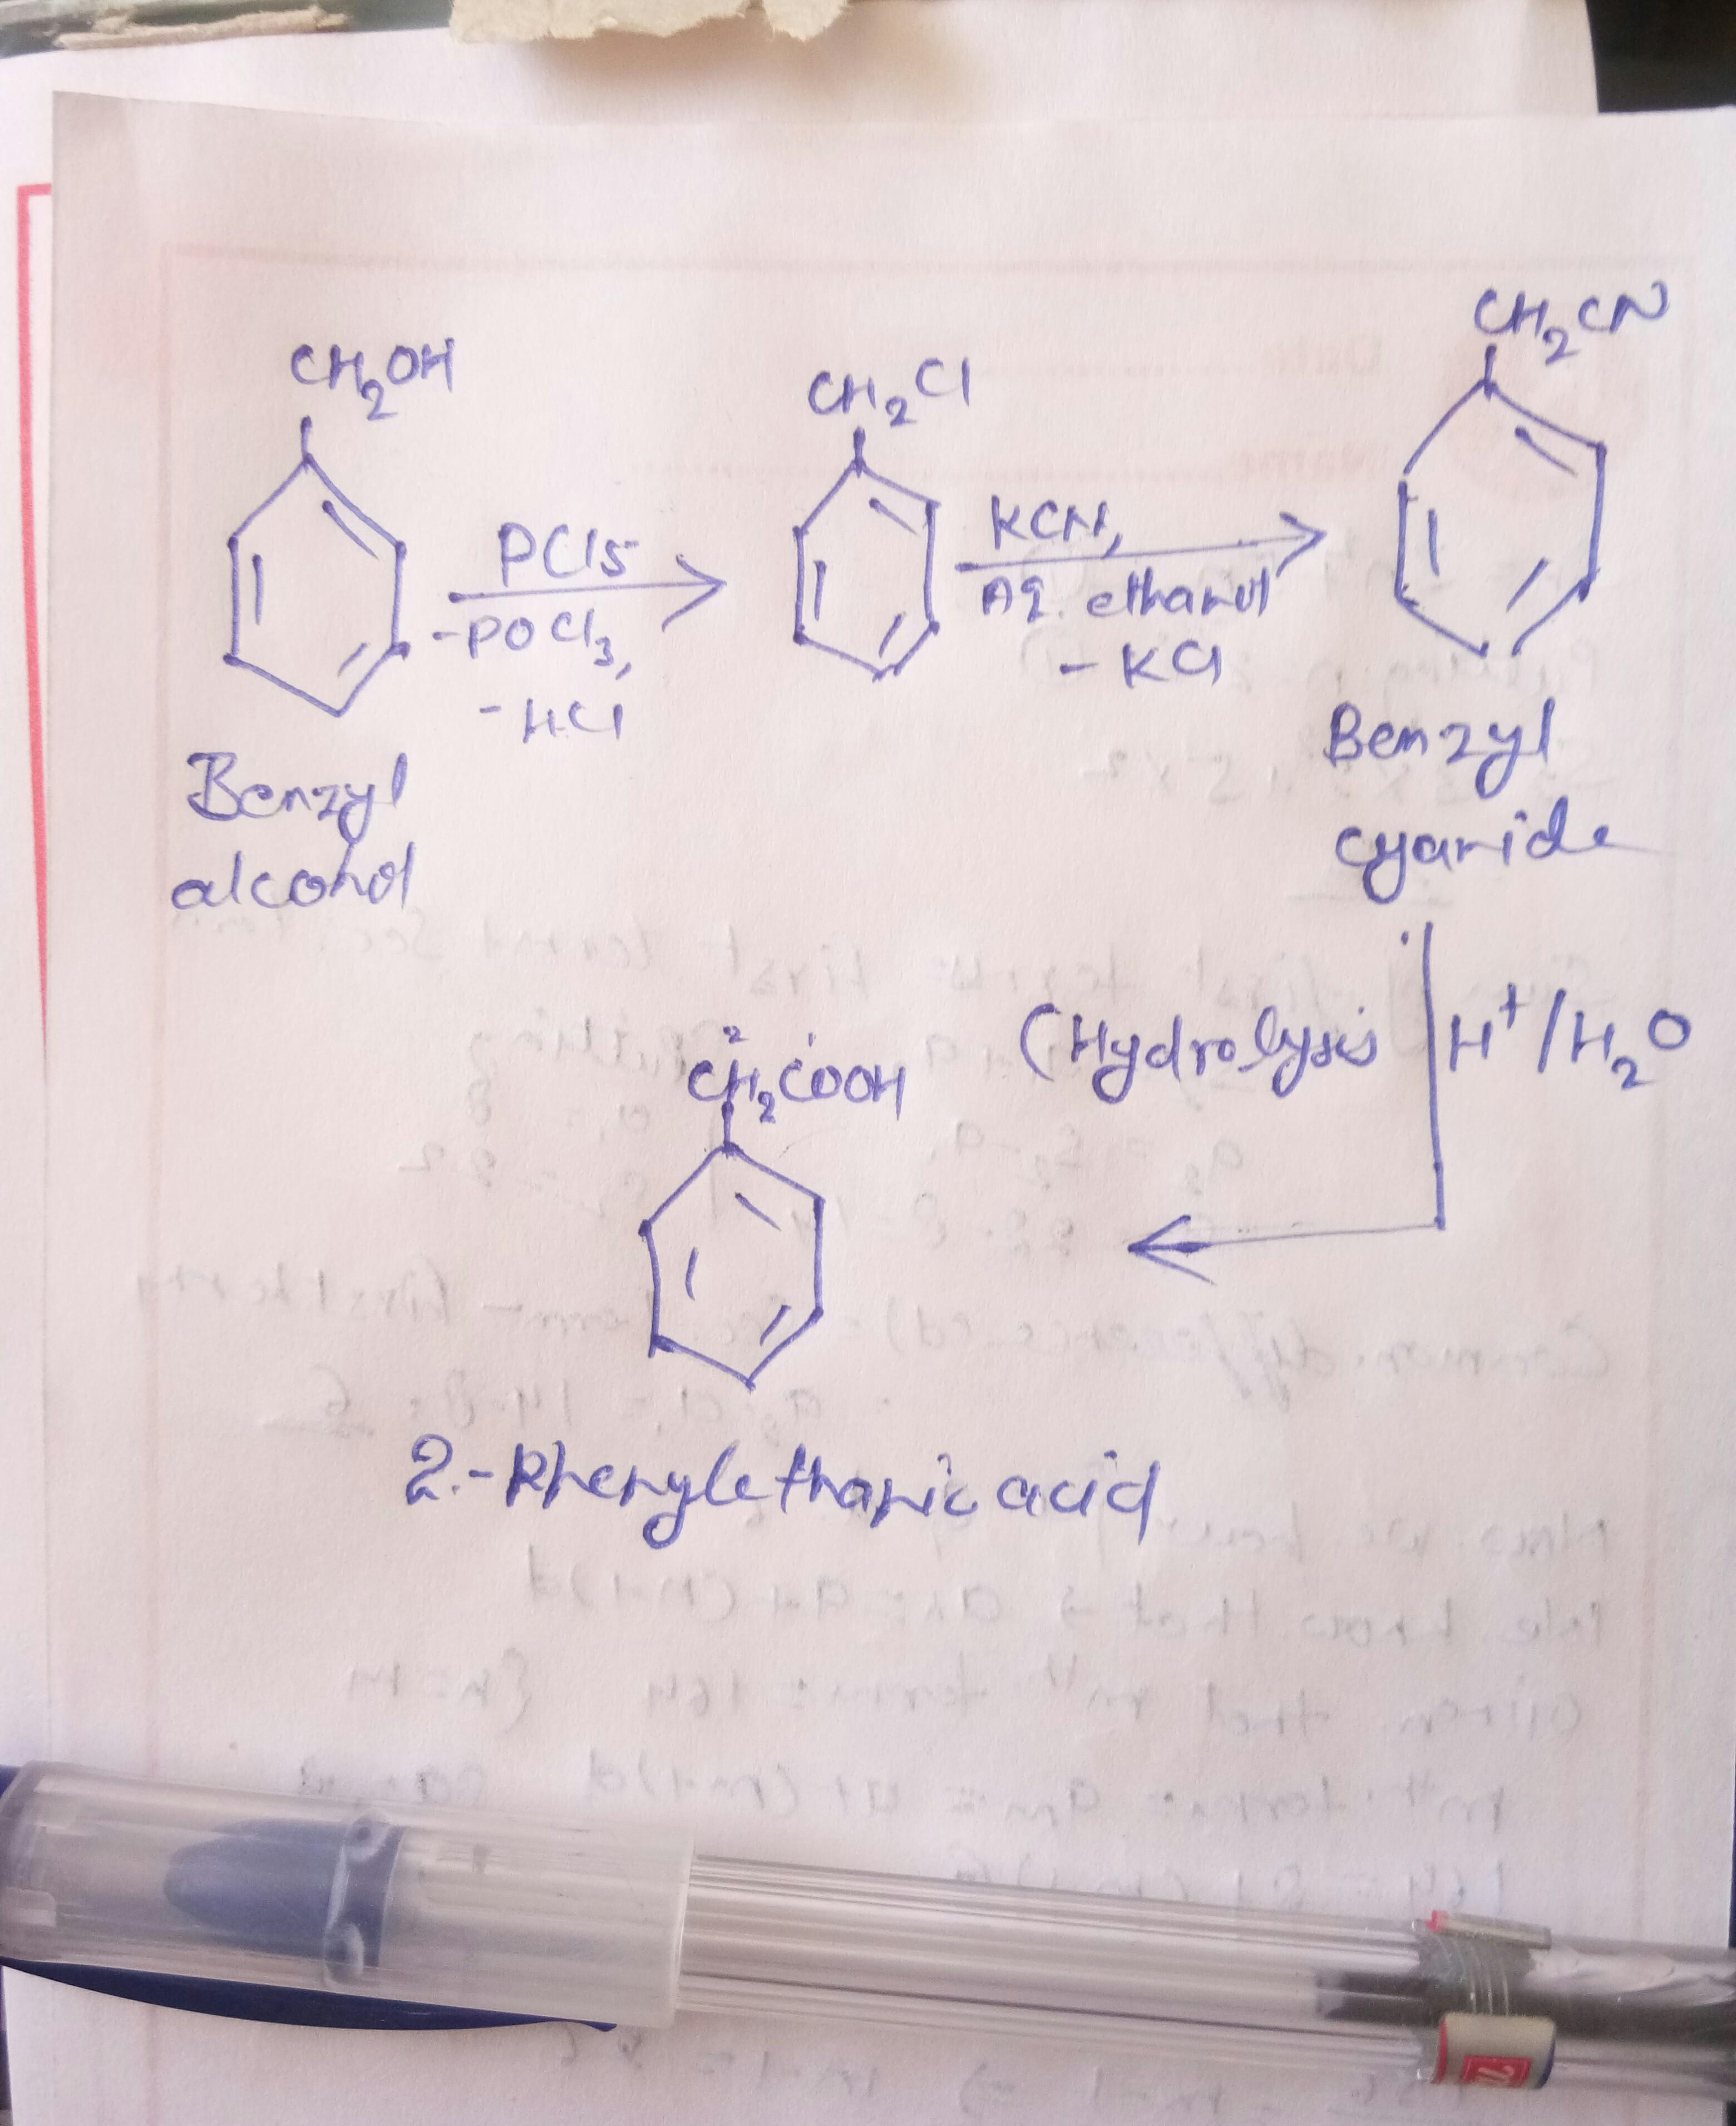 Ammco bus : Phenyl ethanoic acid structure